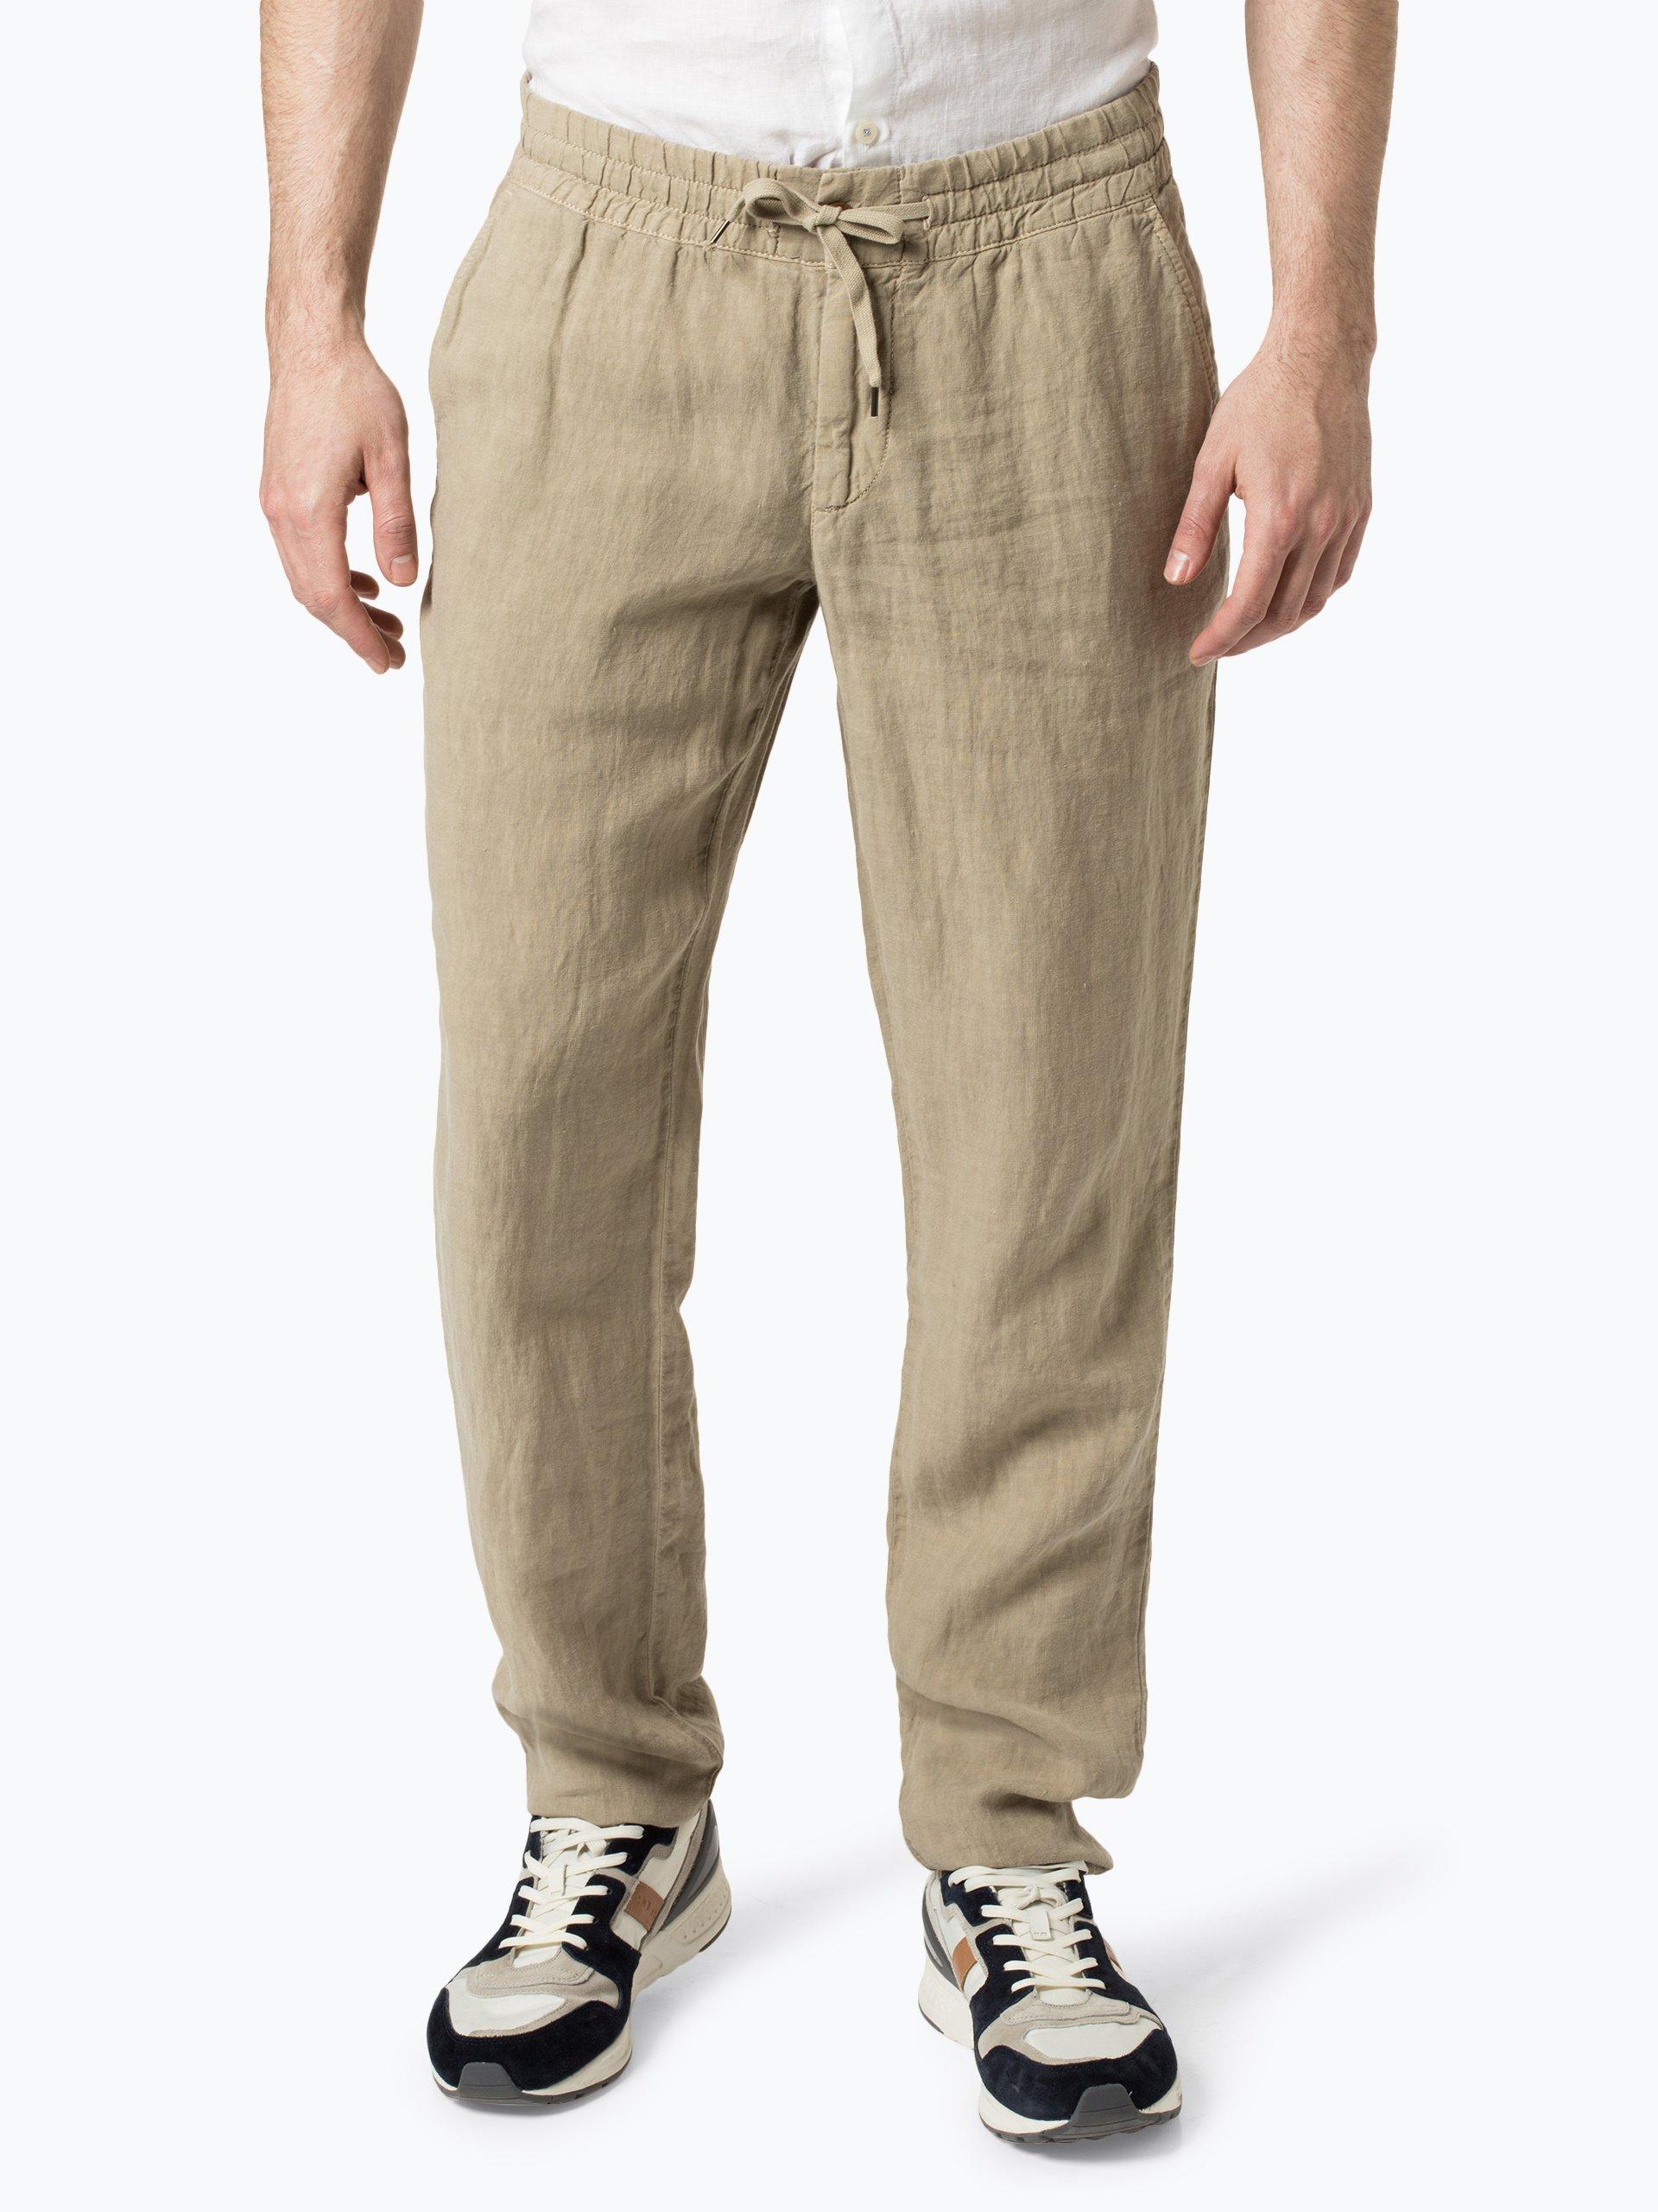 Alberto Męskie spodnie lniane